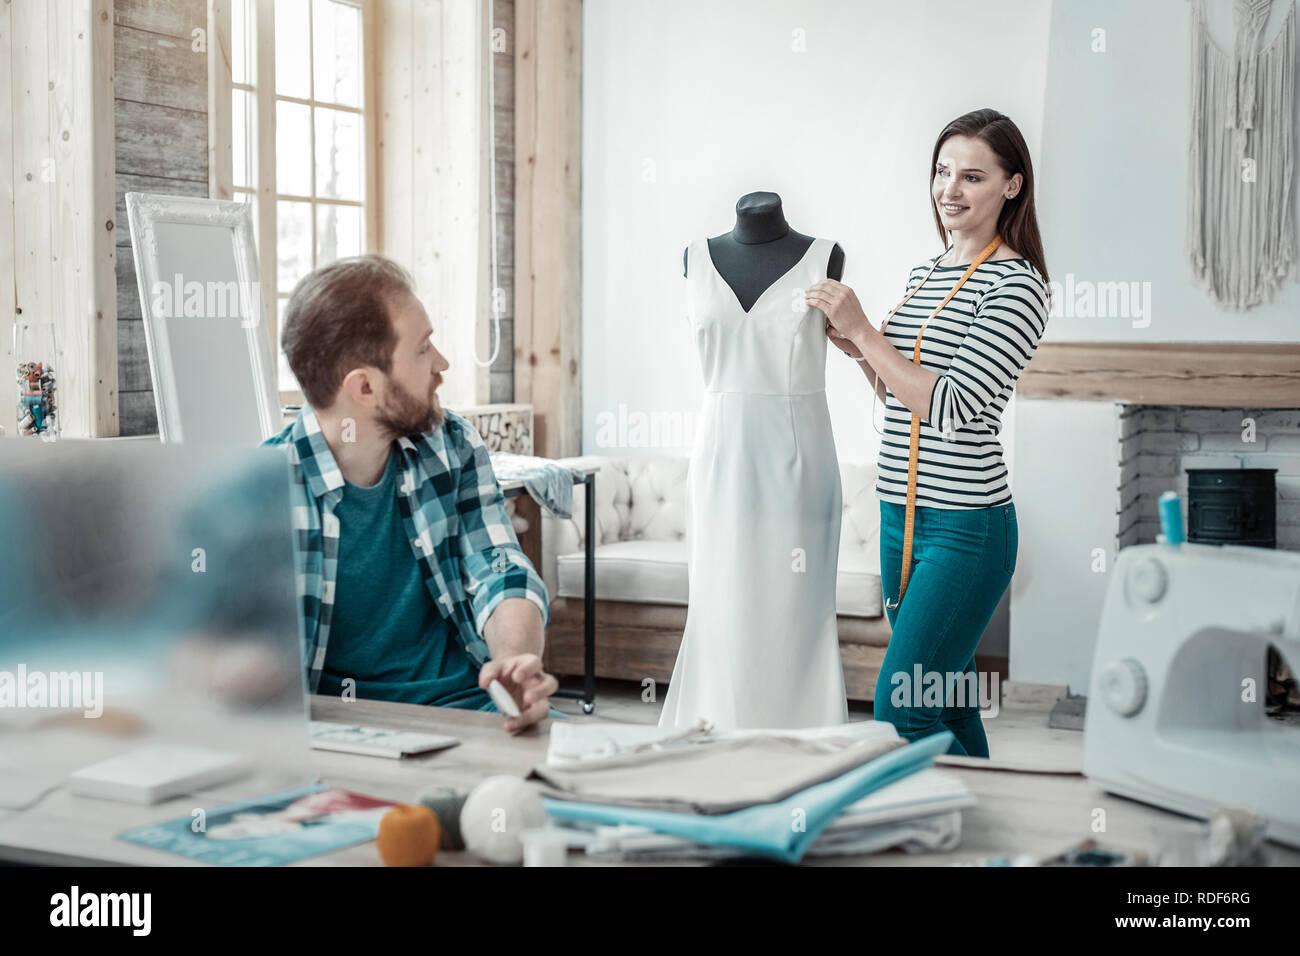 47fc0dc036 Morena de pie cerca del diseñador con forma de vestido largo vestido blanco  Imagen De Stock